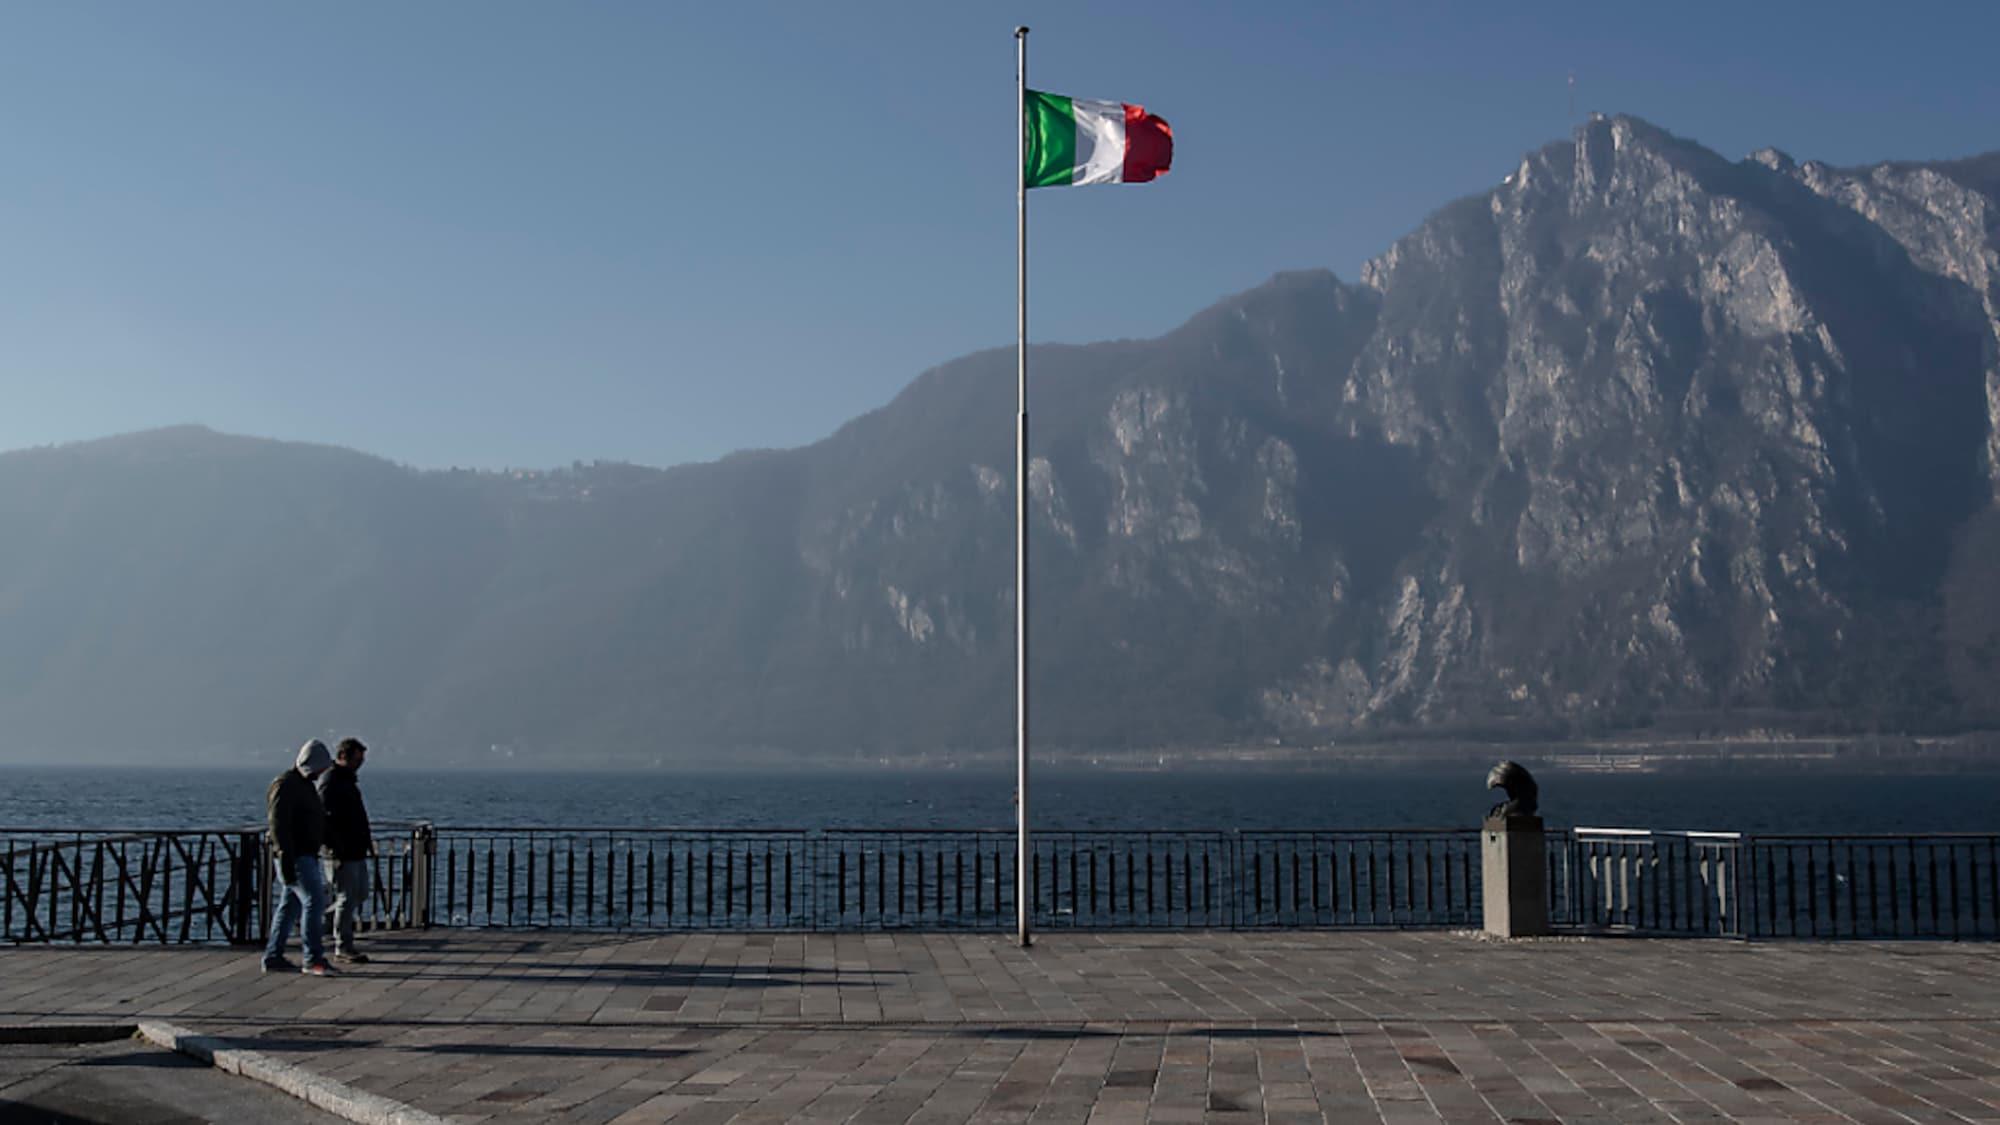 Tessin - Italien: Bürger gelangen an Italiens Präsident wegen Zollunion-Anschluss